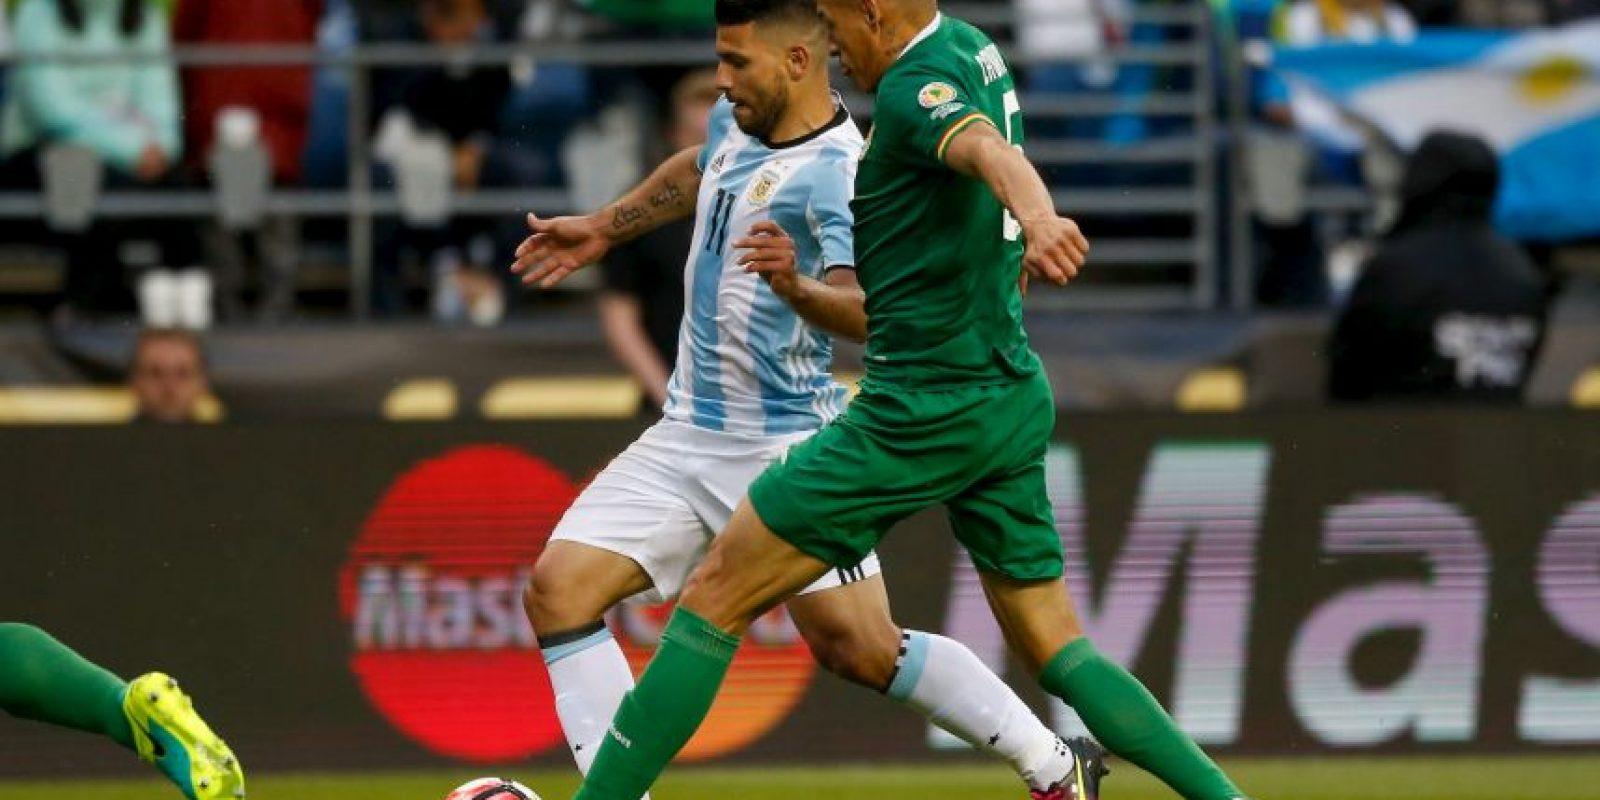 Sin embargo, al delantero del Manchester City aún le falta Foto:Getty Images